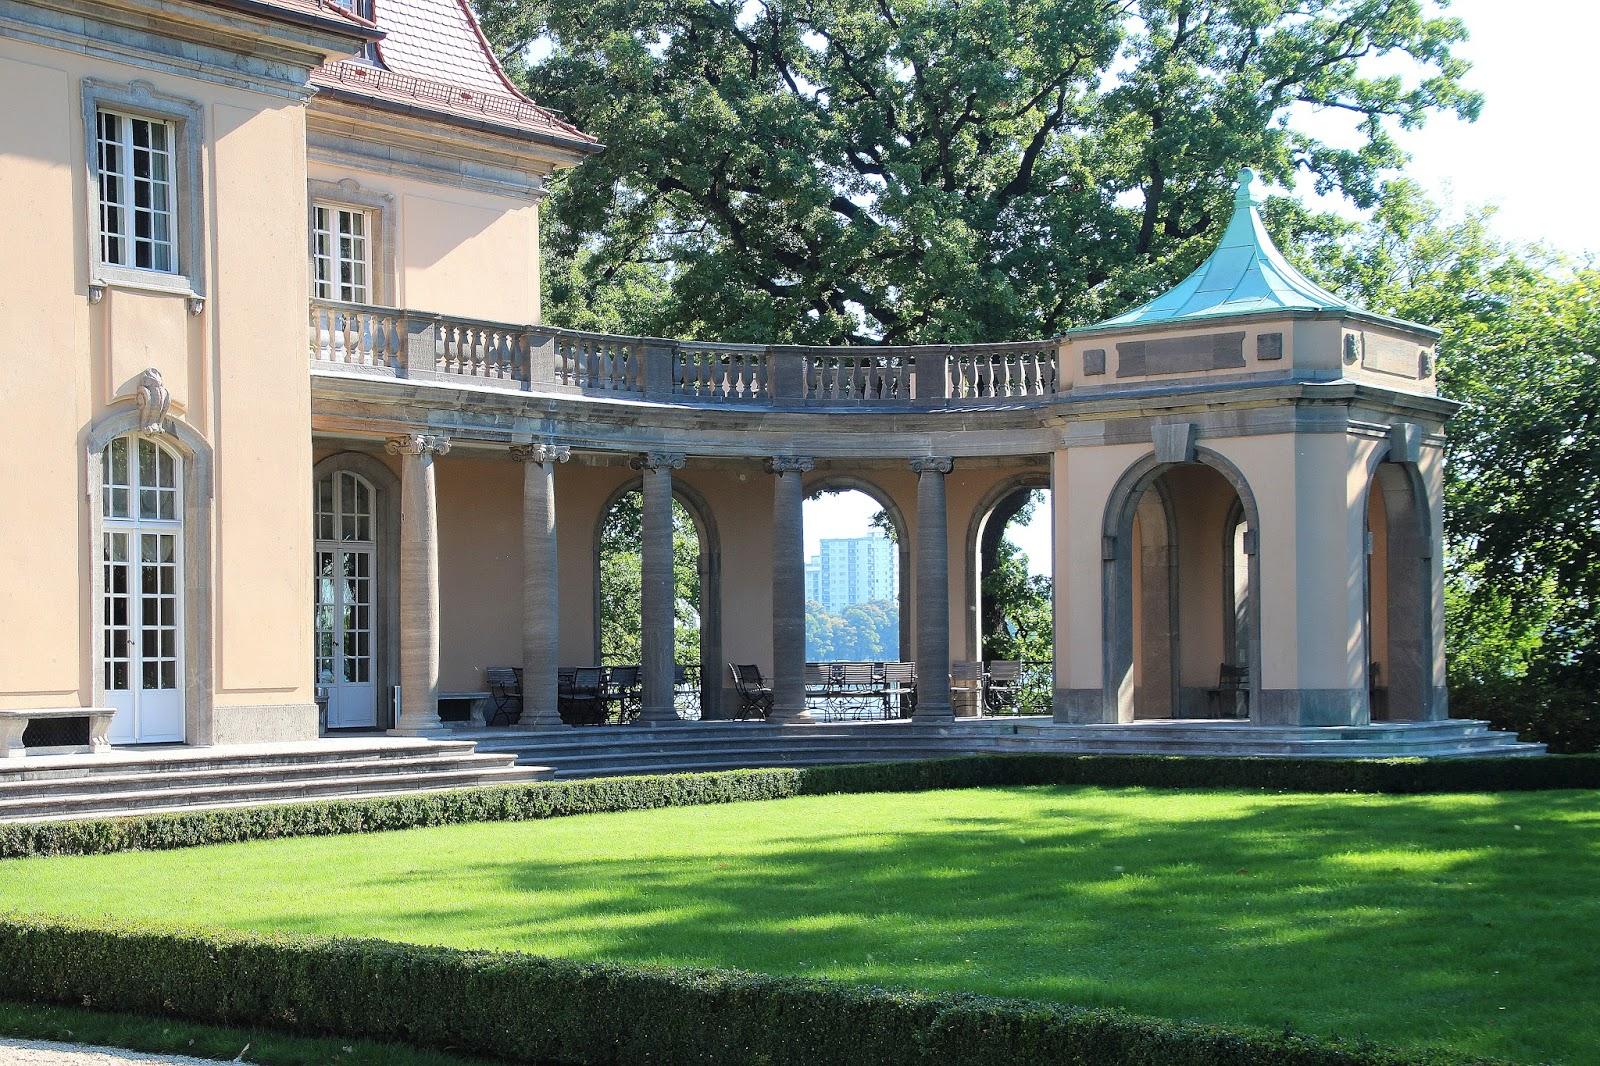 Auswärtiges villa borsig amt berlin Die Akademie